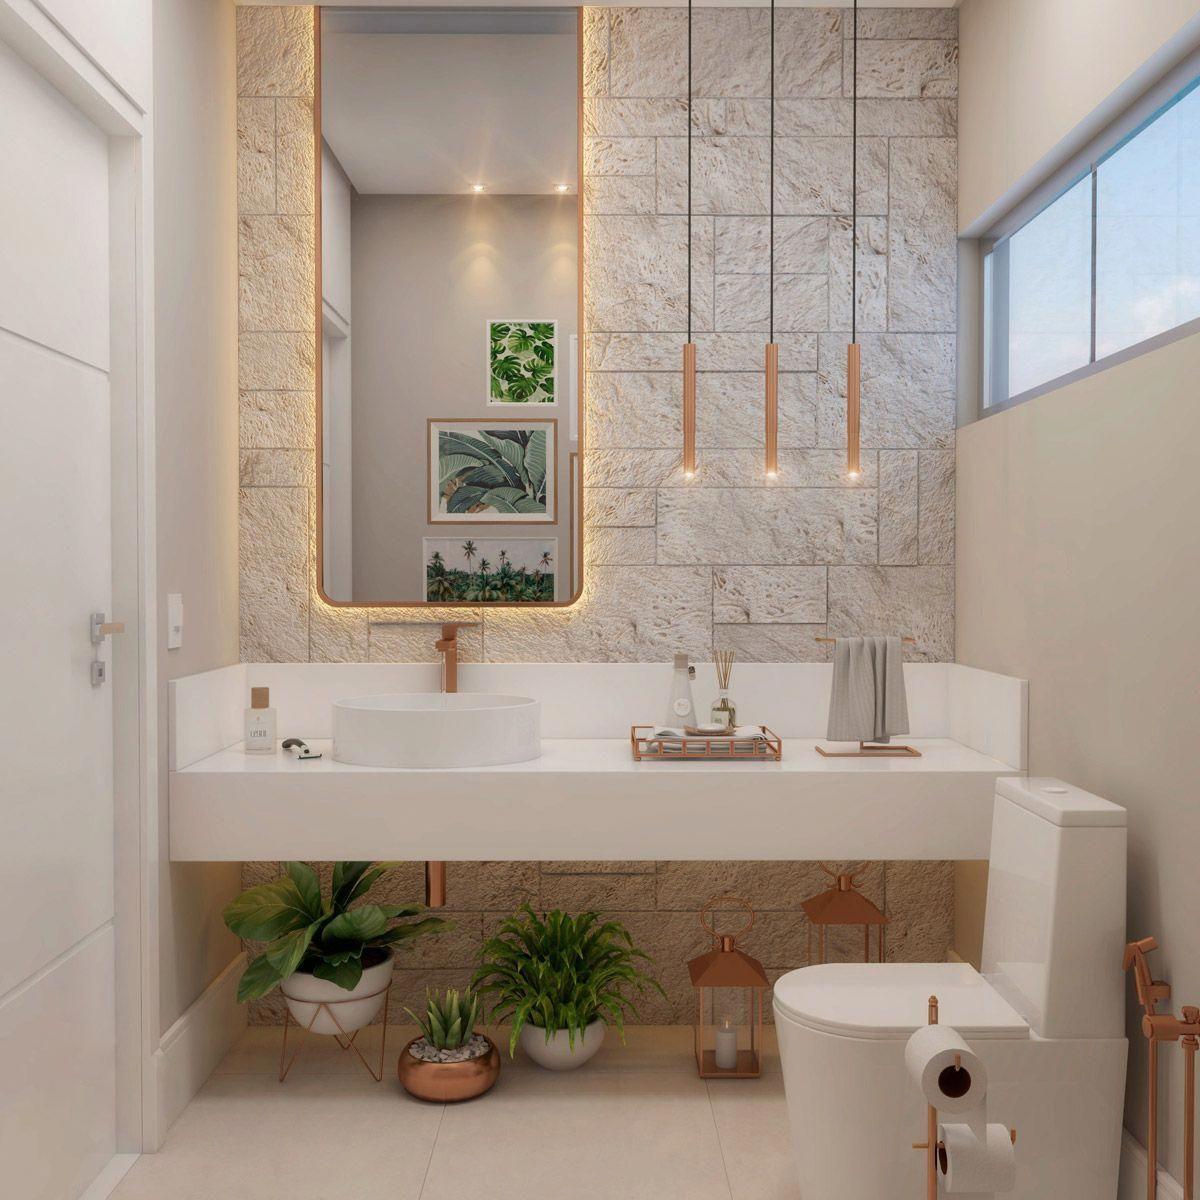 Bathroom Inspiration Products And Design Masterbathroom En 2020